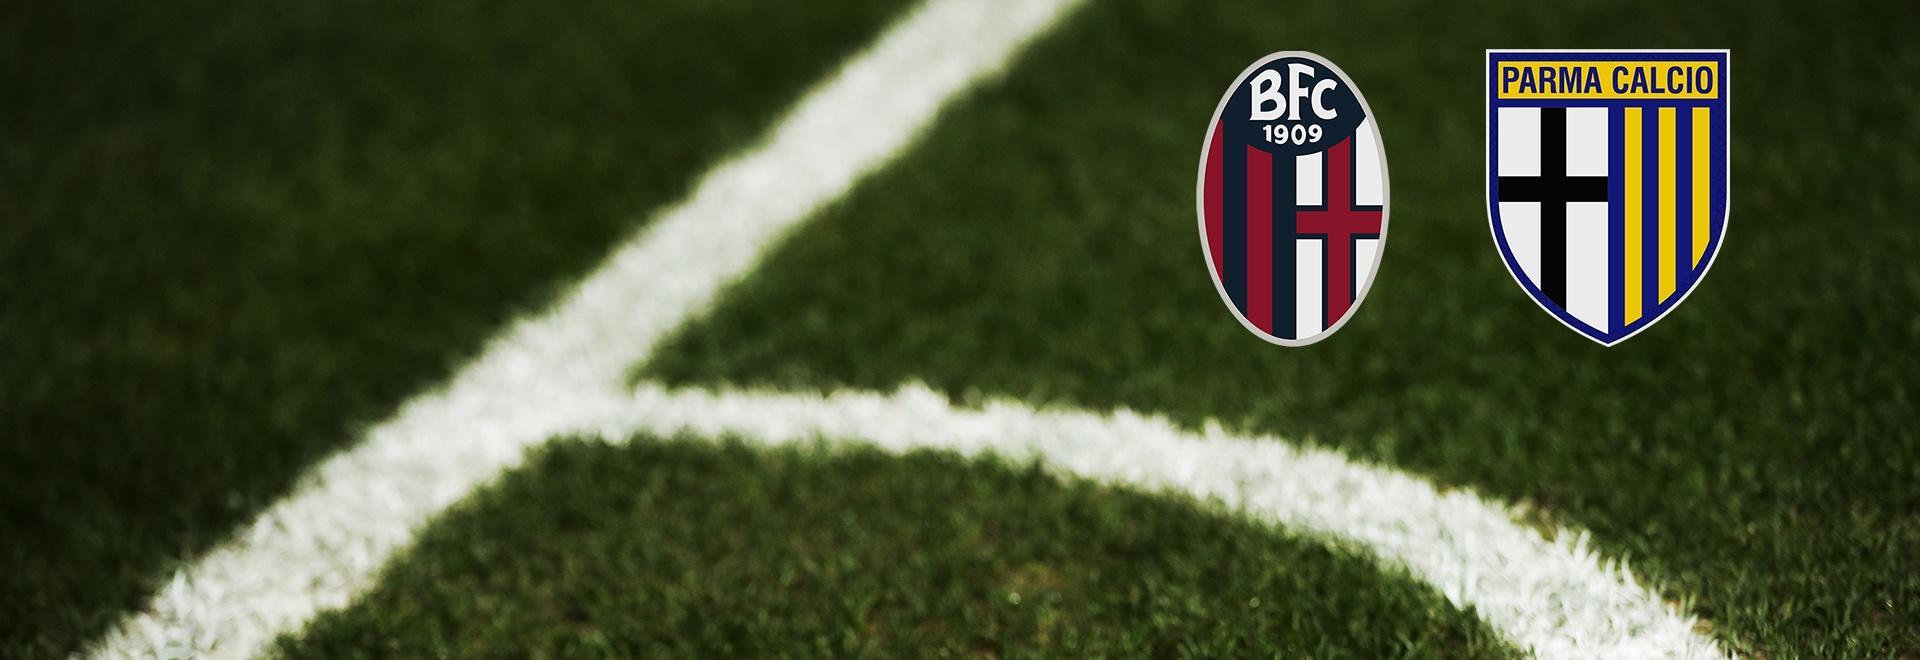 Bologna - Parma. 13a g.